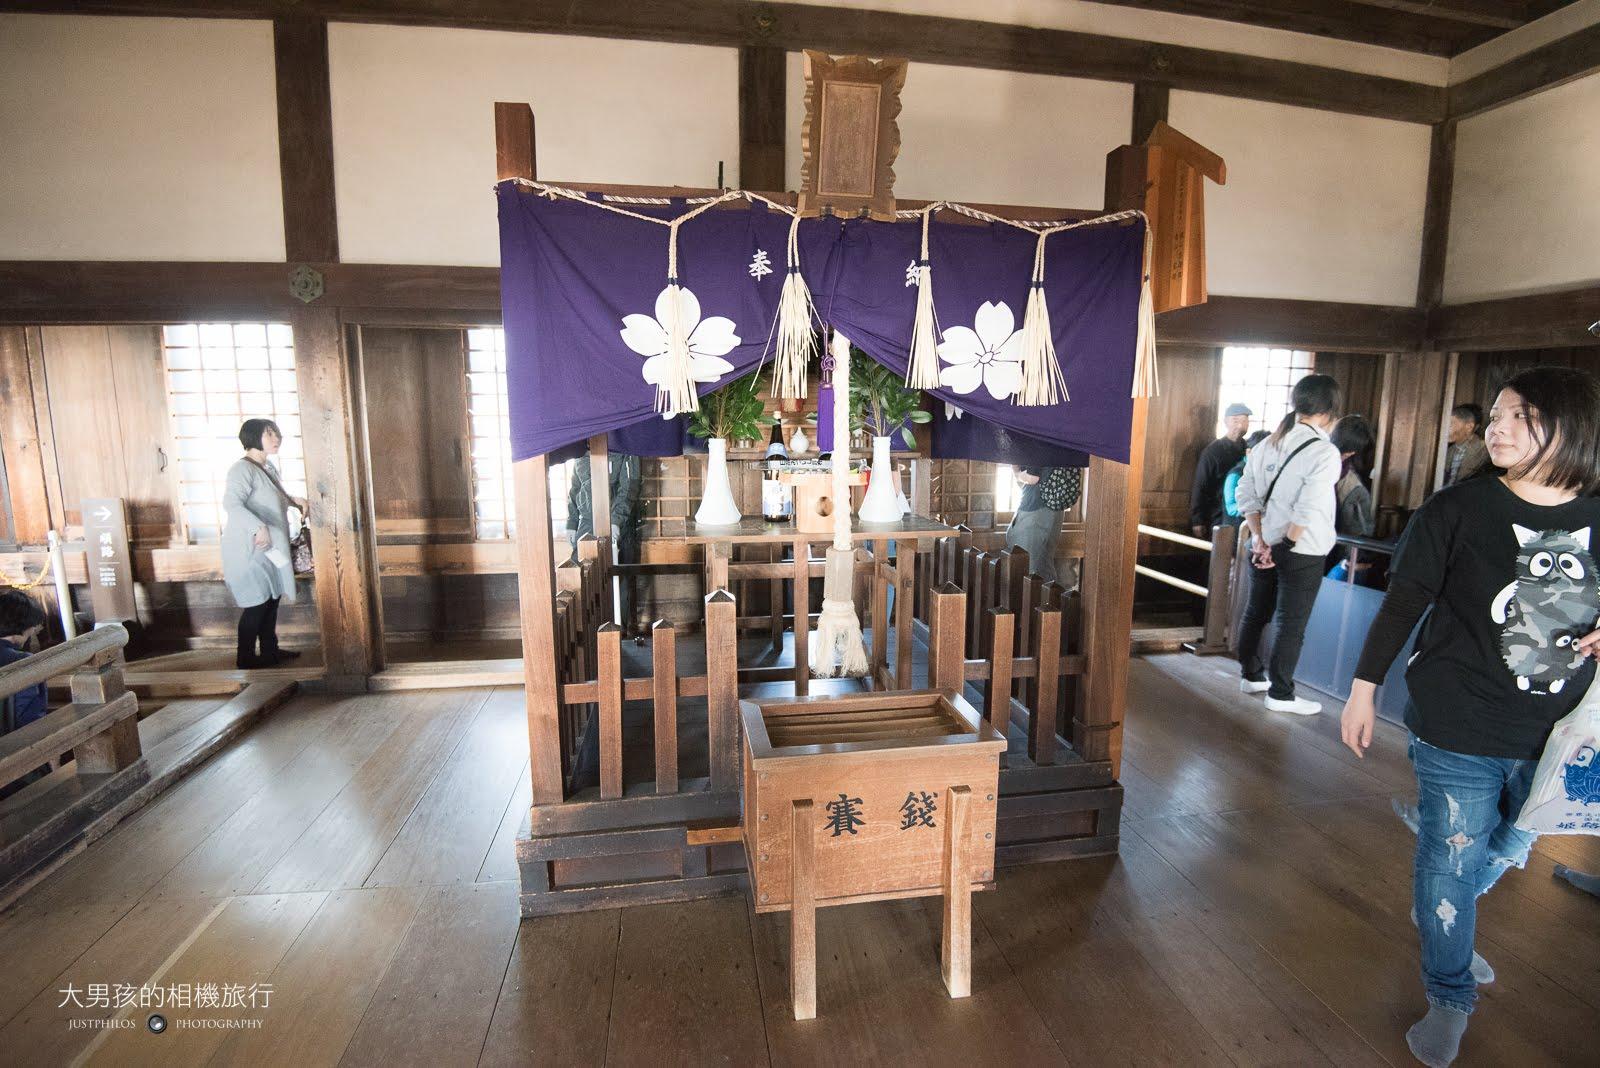 內部也有類似小型的神社。